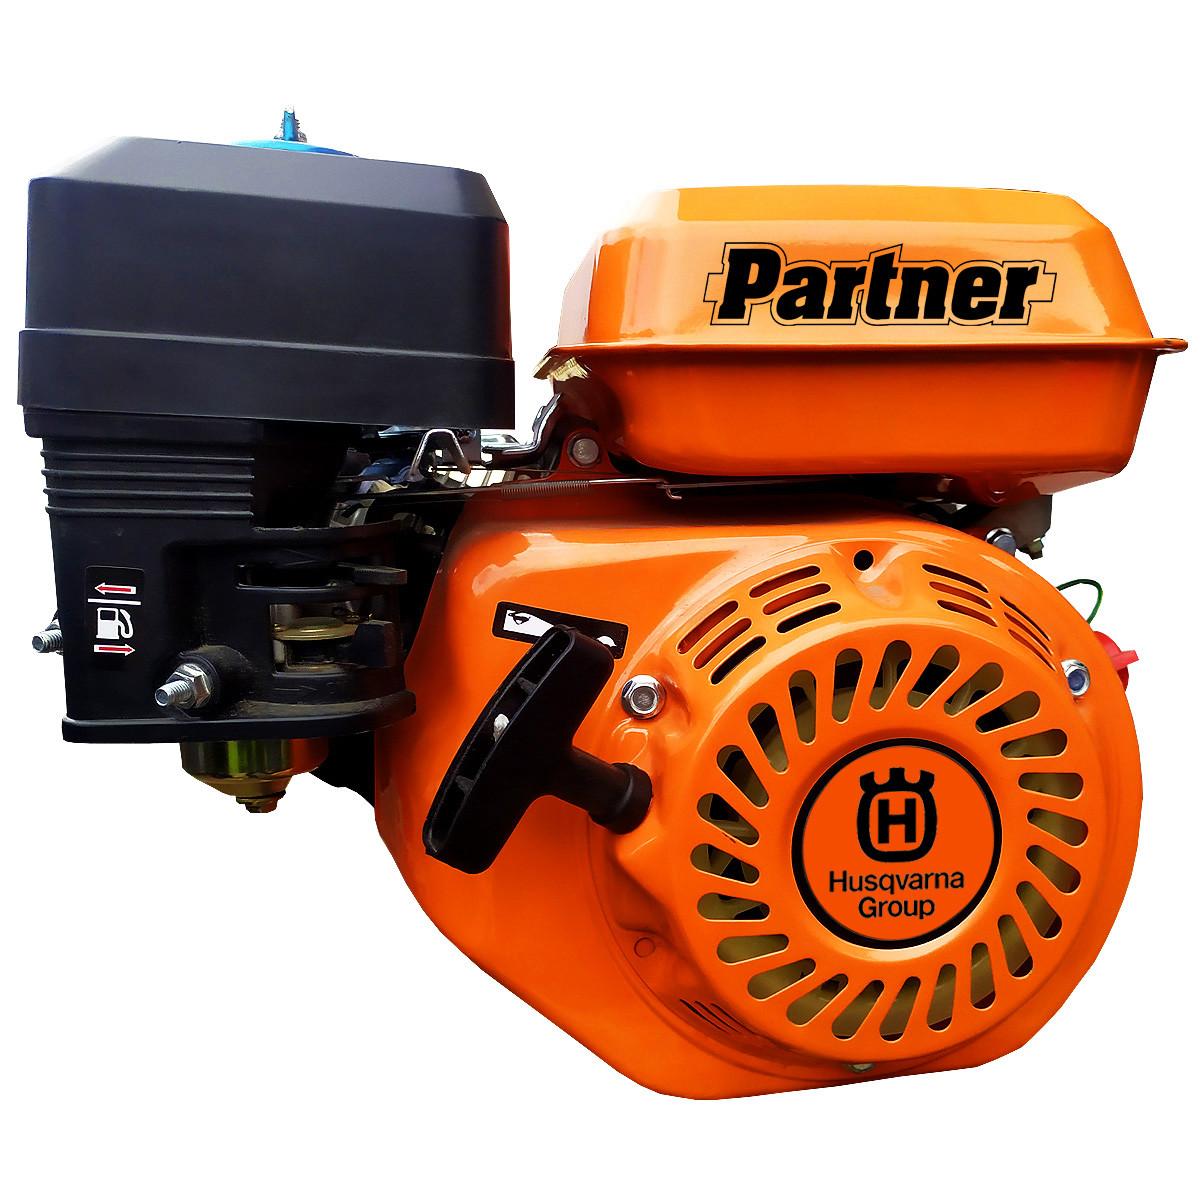 Двигатель бензиновый для Мотоблока Partner PX170/20 Engine by Husqvarna SWEDEN (Гарантия 60 месяцев)